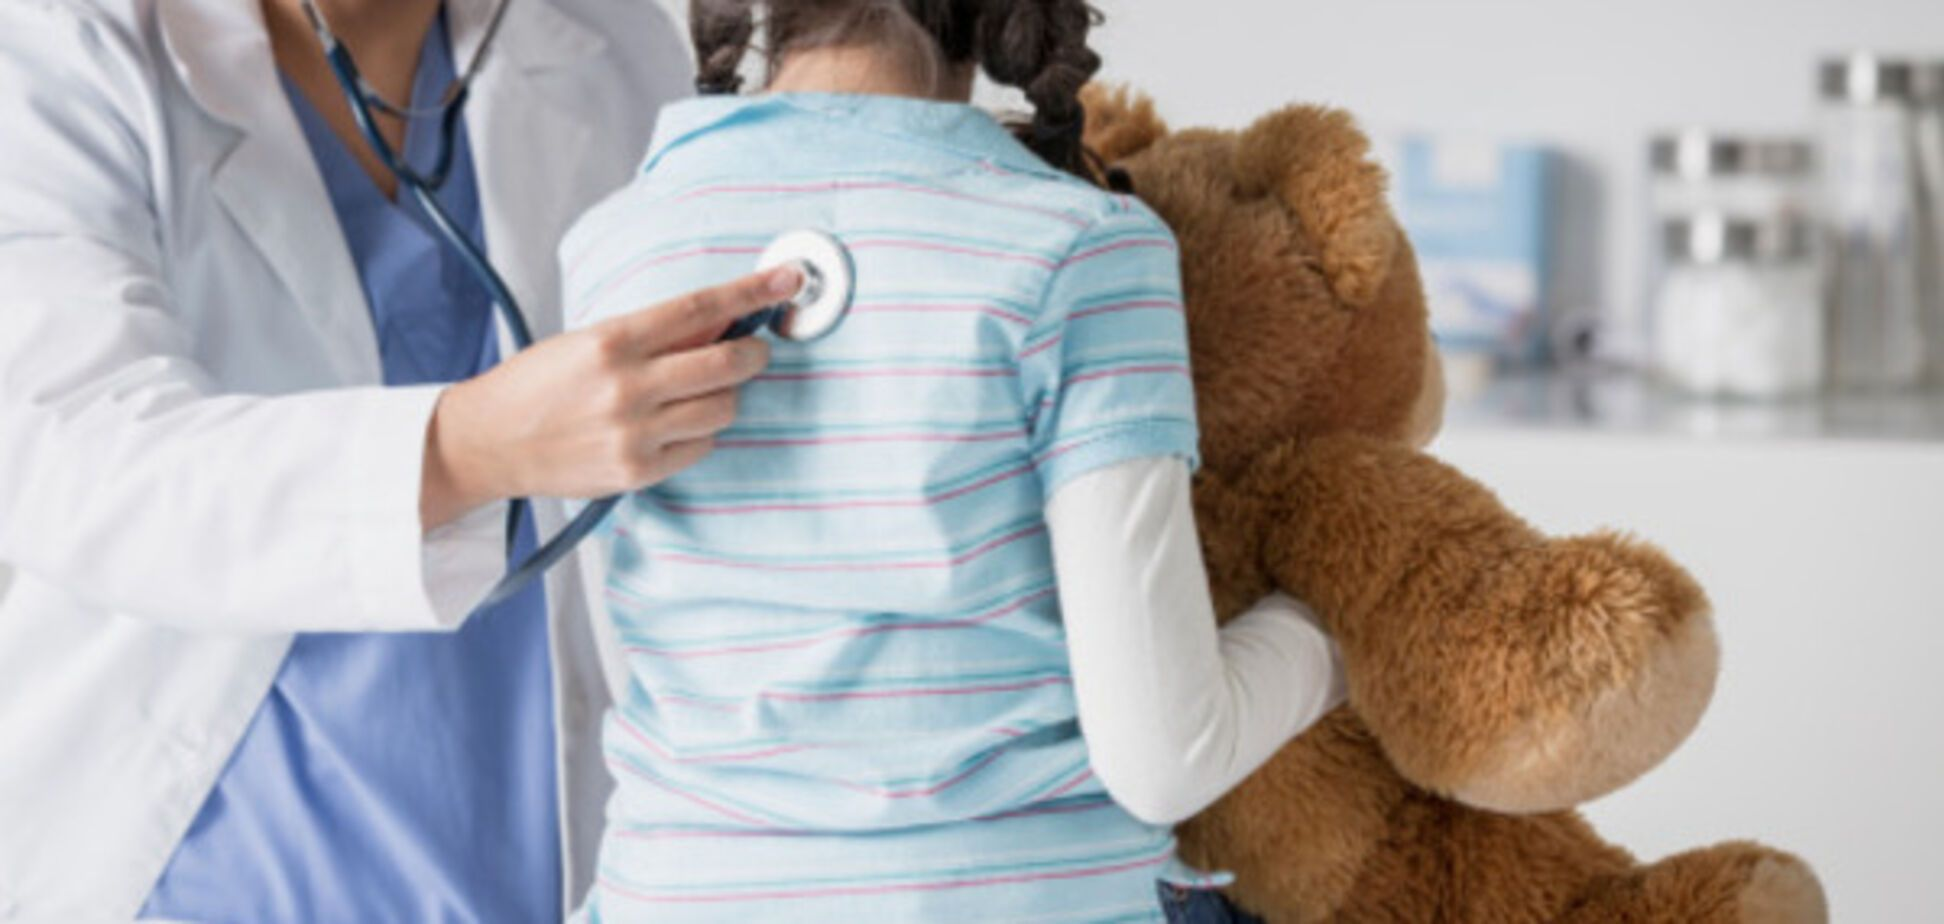 Нужны ли антибиотики при ОРЗ: мнение педиатра